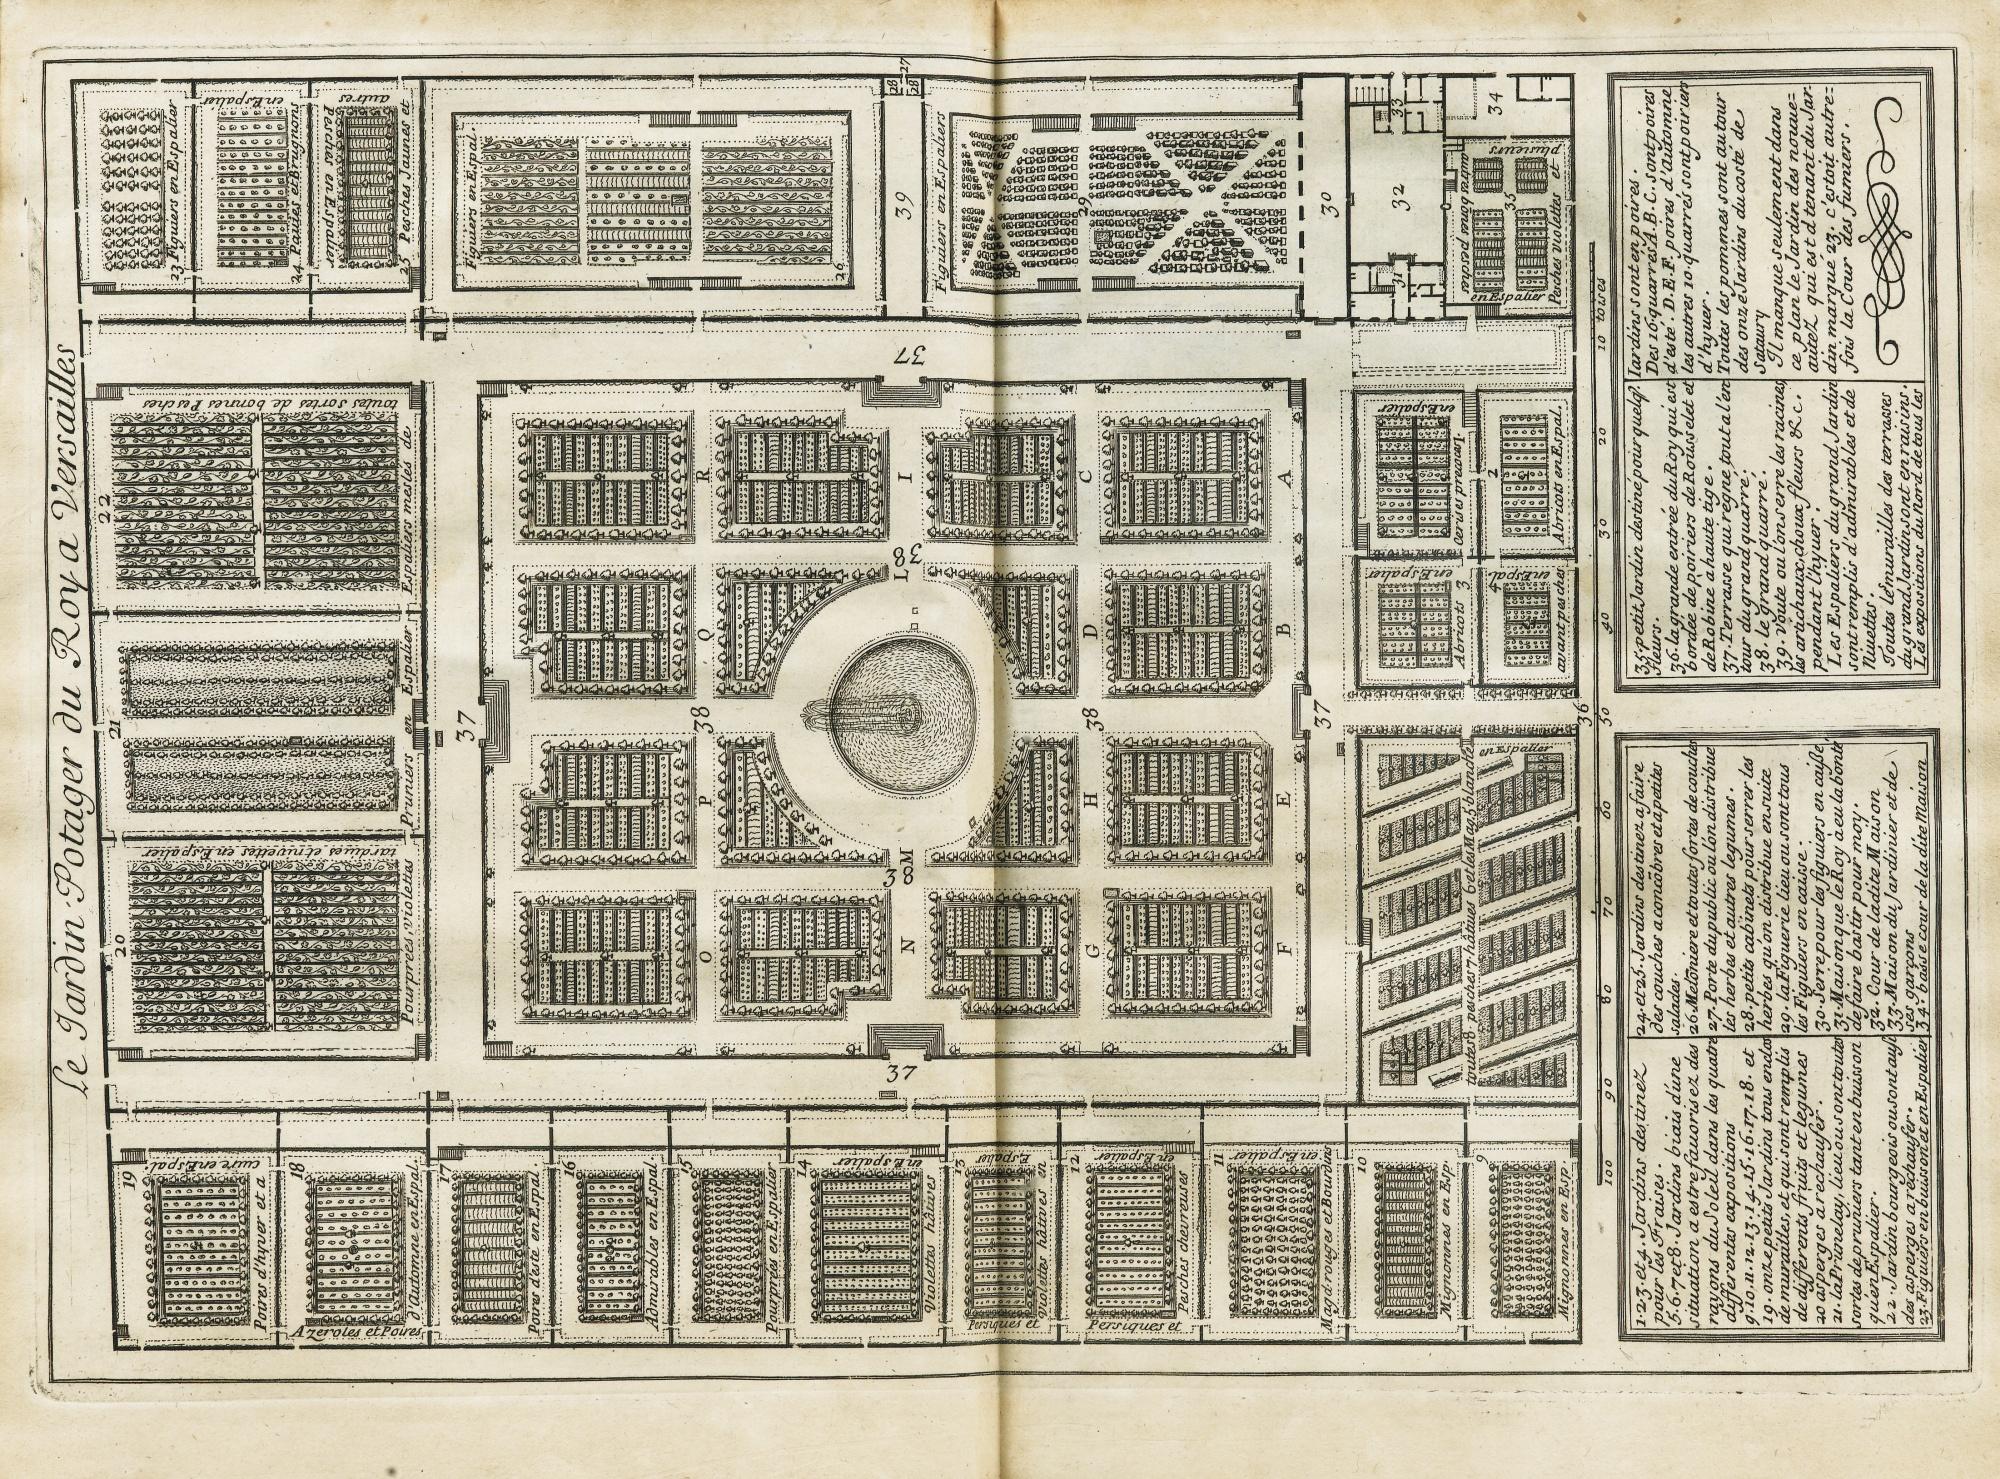 La Quintinie, Jean de.  Instruction Pour Les Jardins Fruitiers et Potagers.  Paris: Barbin, 1690. Image source:    Sotheby's